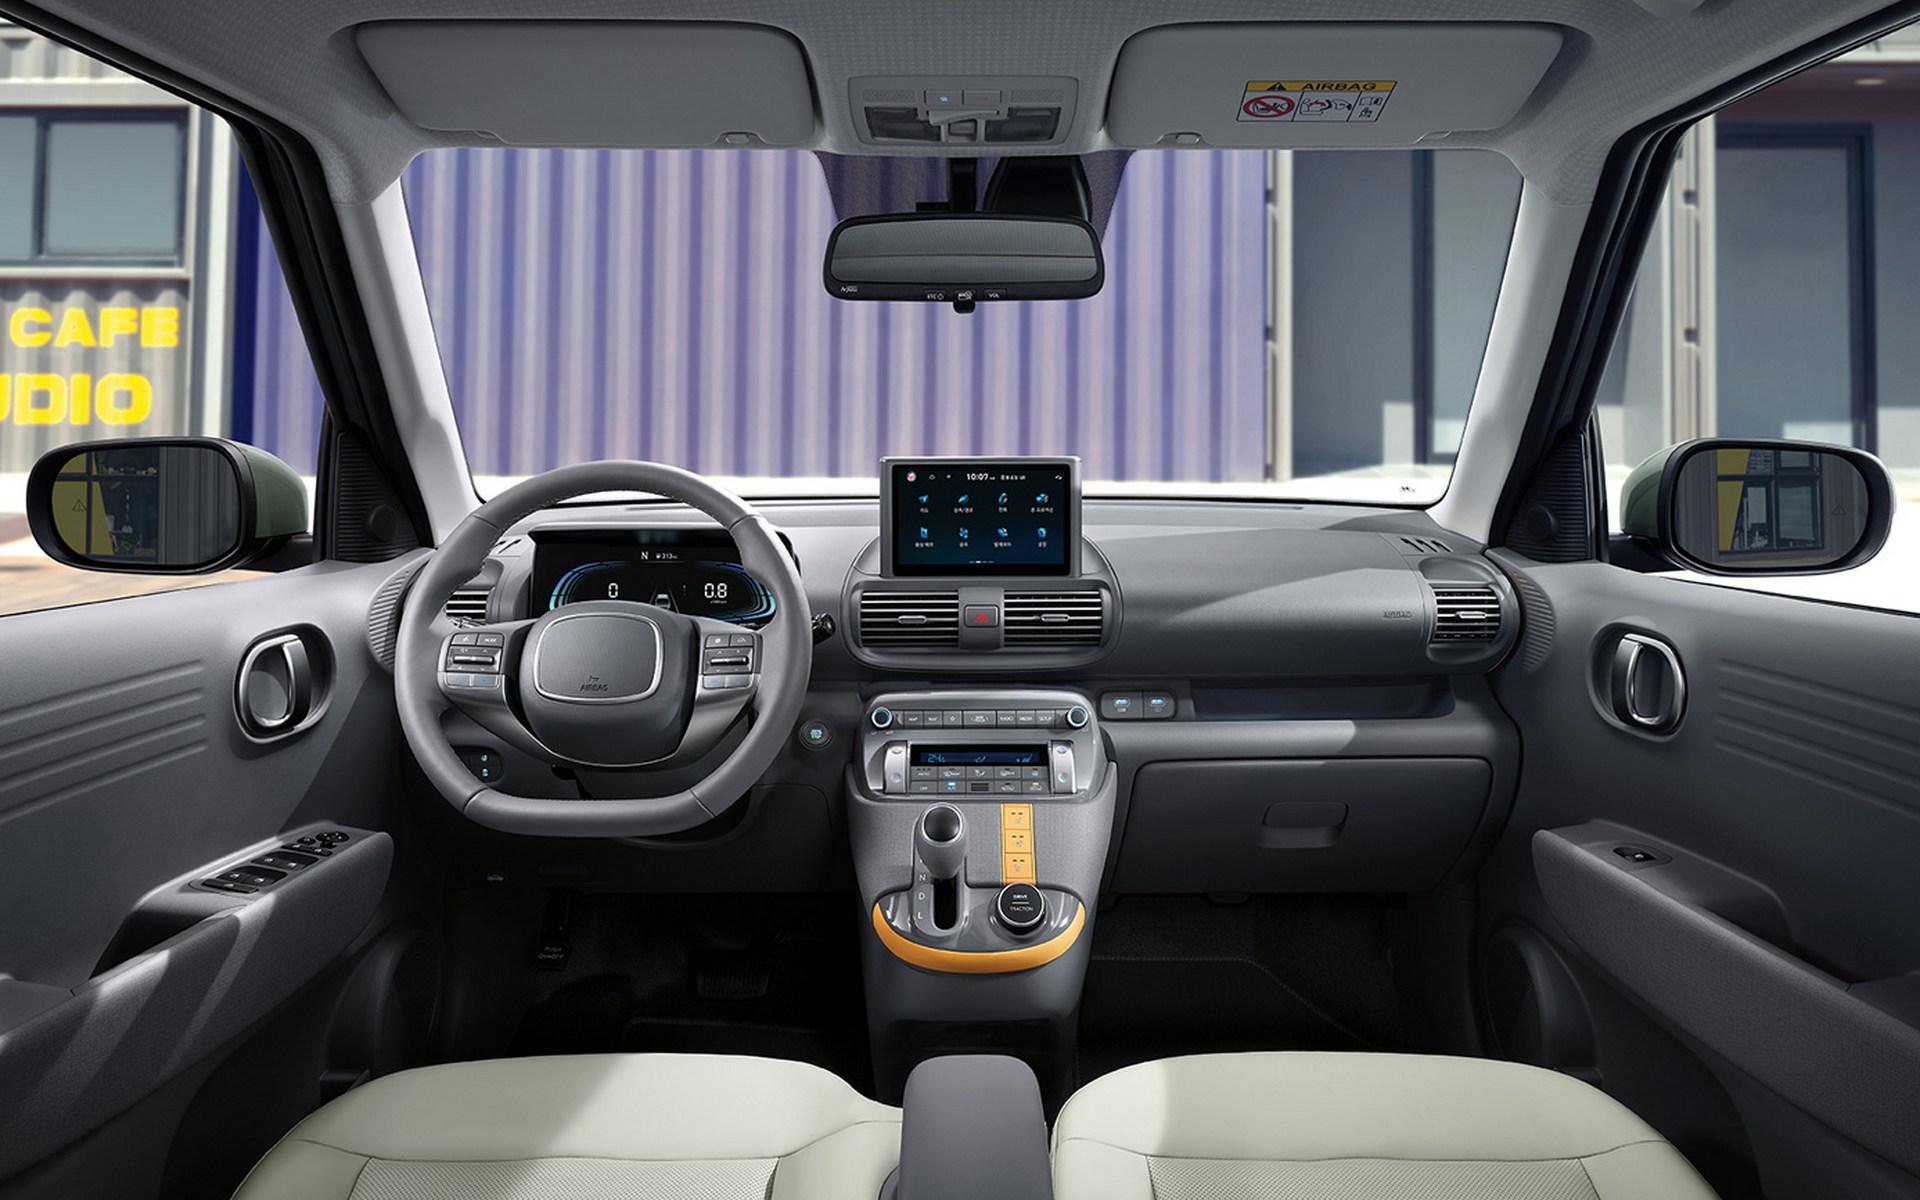 Hyundai Casper nhận được gần 19.000 đơn đặt hàng trong ngày đầu mở bán hyundai-casper-interior-1.jpg